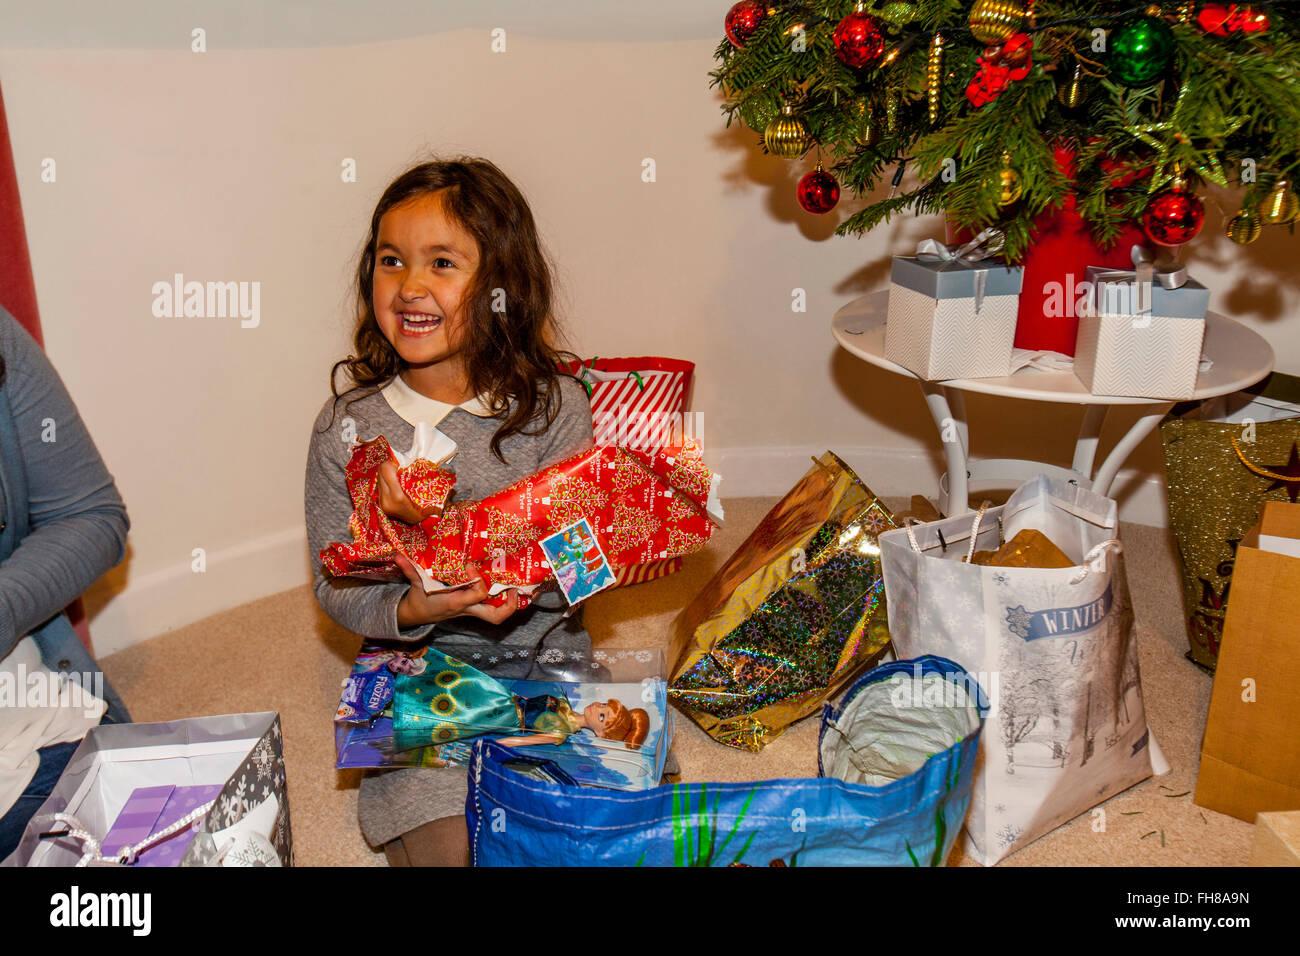 Regali Di Natale Frozen.Una Razza Mista Bambino Aprendo I Suoi Regali Di Natale Il Giorno Di